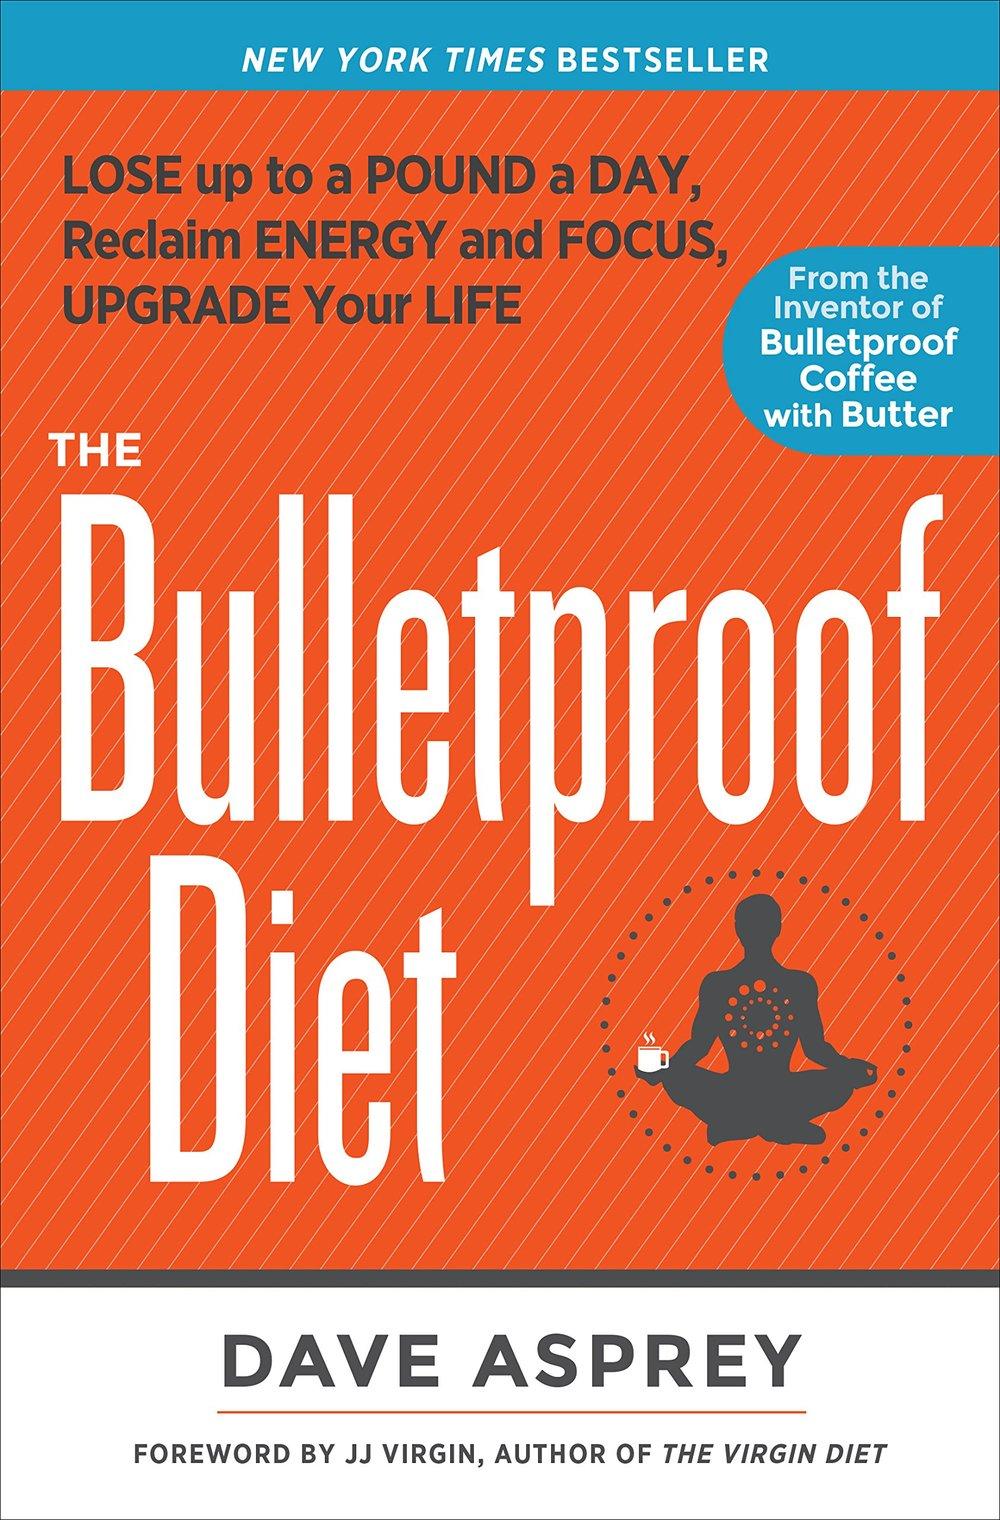 The Bulletproof Diet_Dave Asprey .jpg